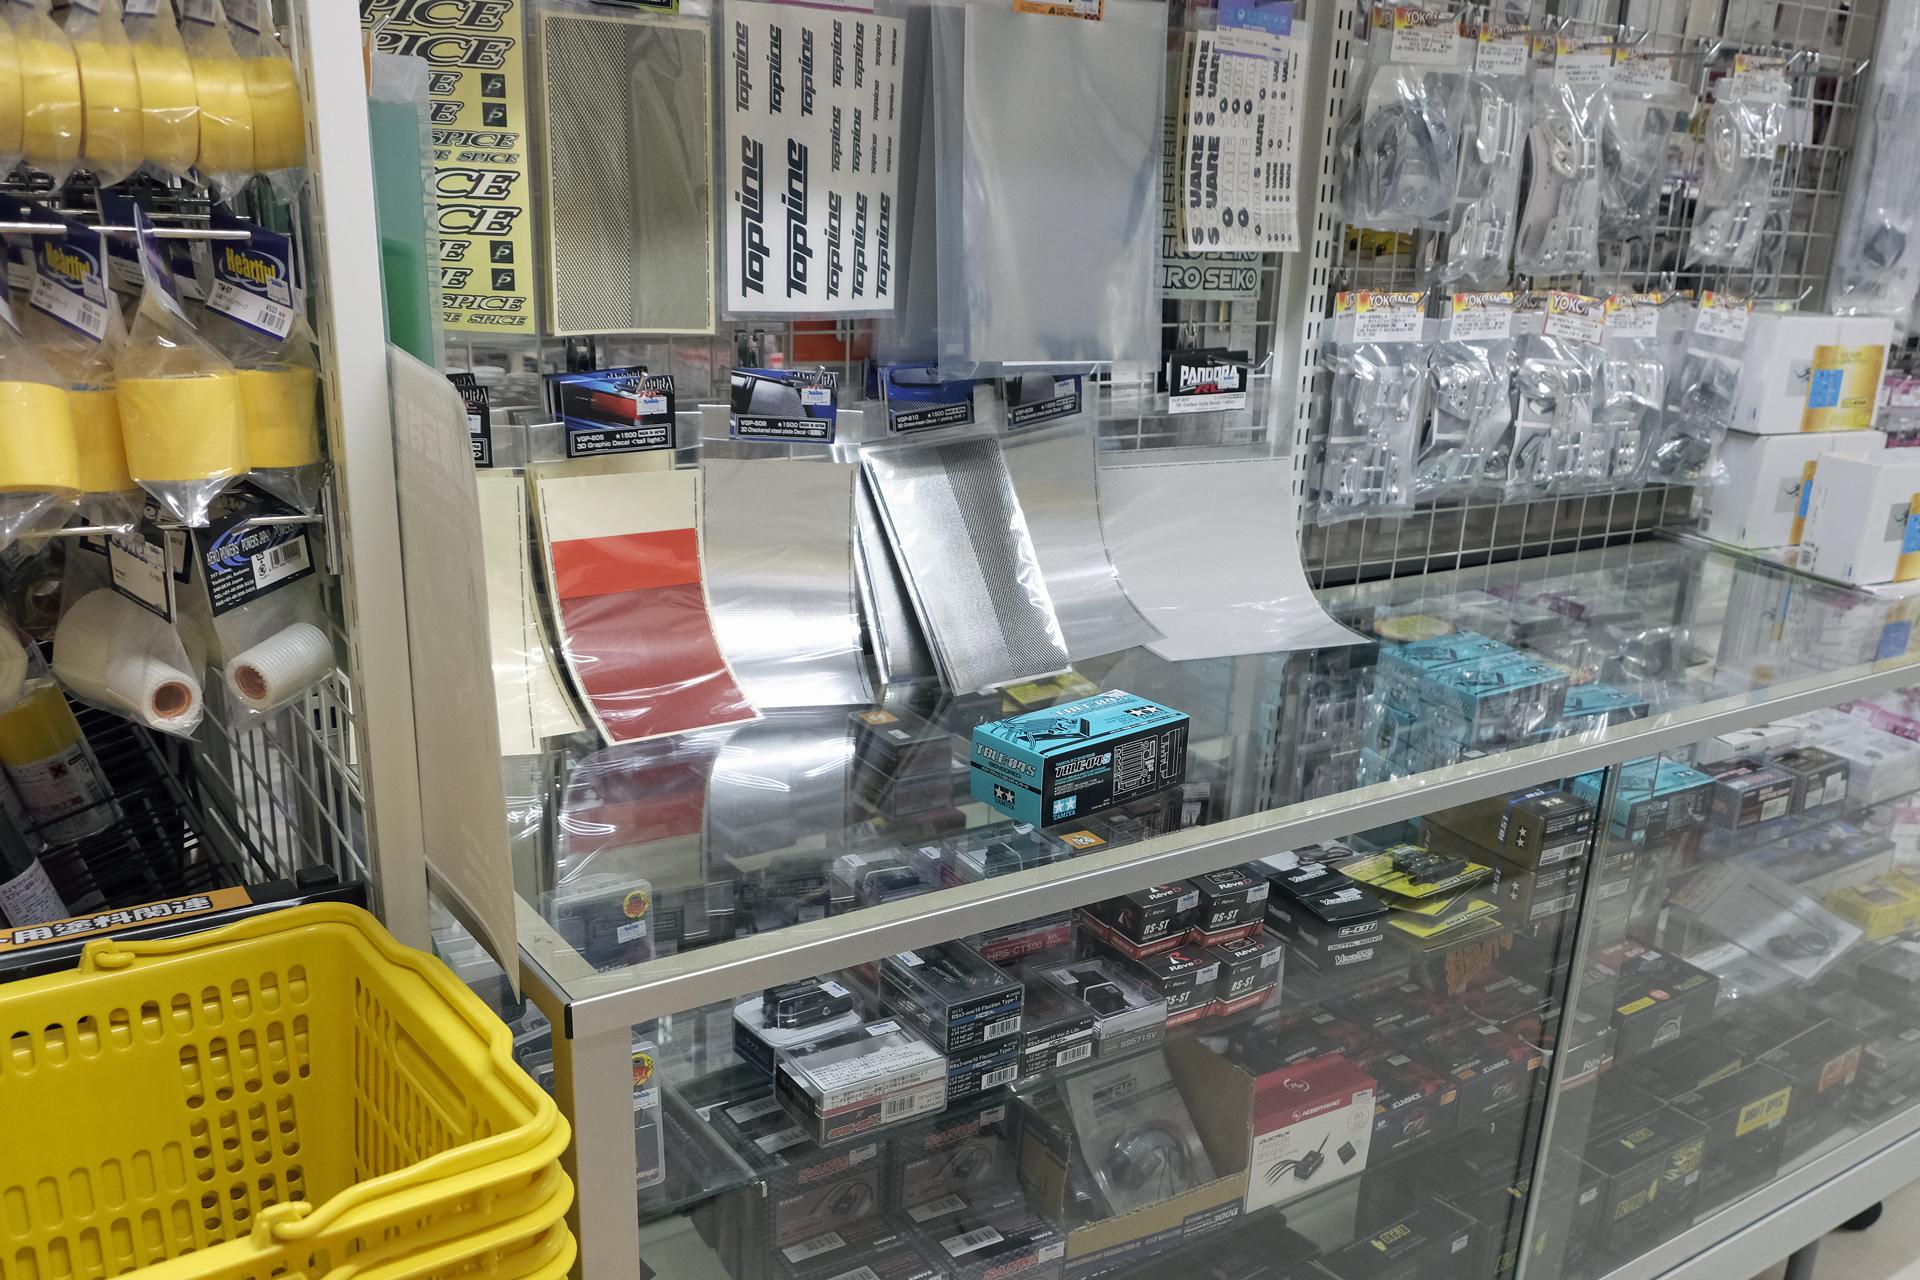 4月発売の人気パーツ「タミヤRCシステム No.69タミヤ ブラシレス エレクトロニック スピードコントローラー 04S センサー付」も豊富に在庫されていた